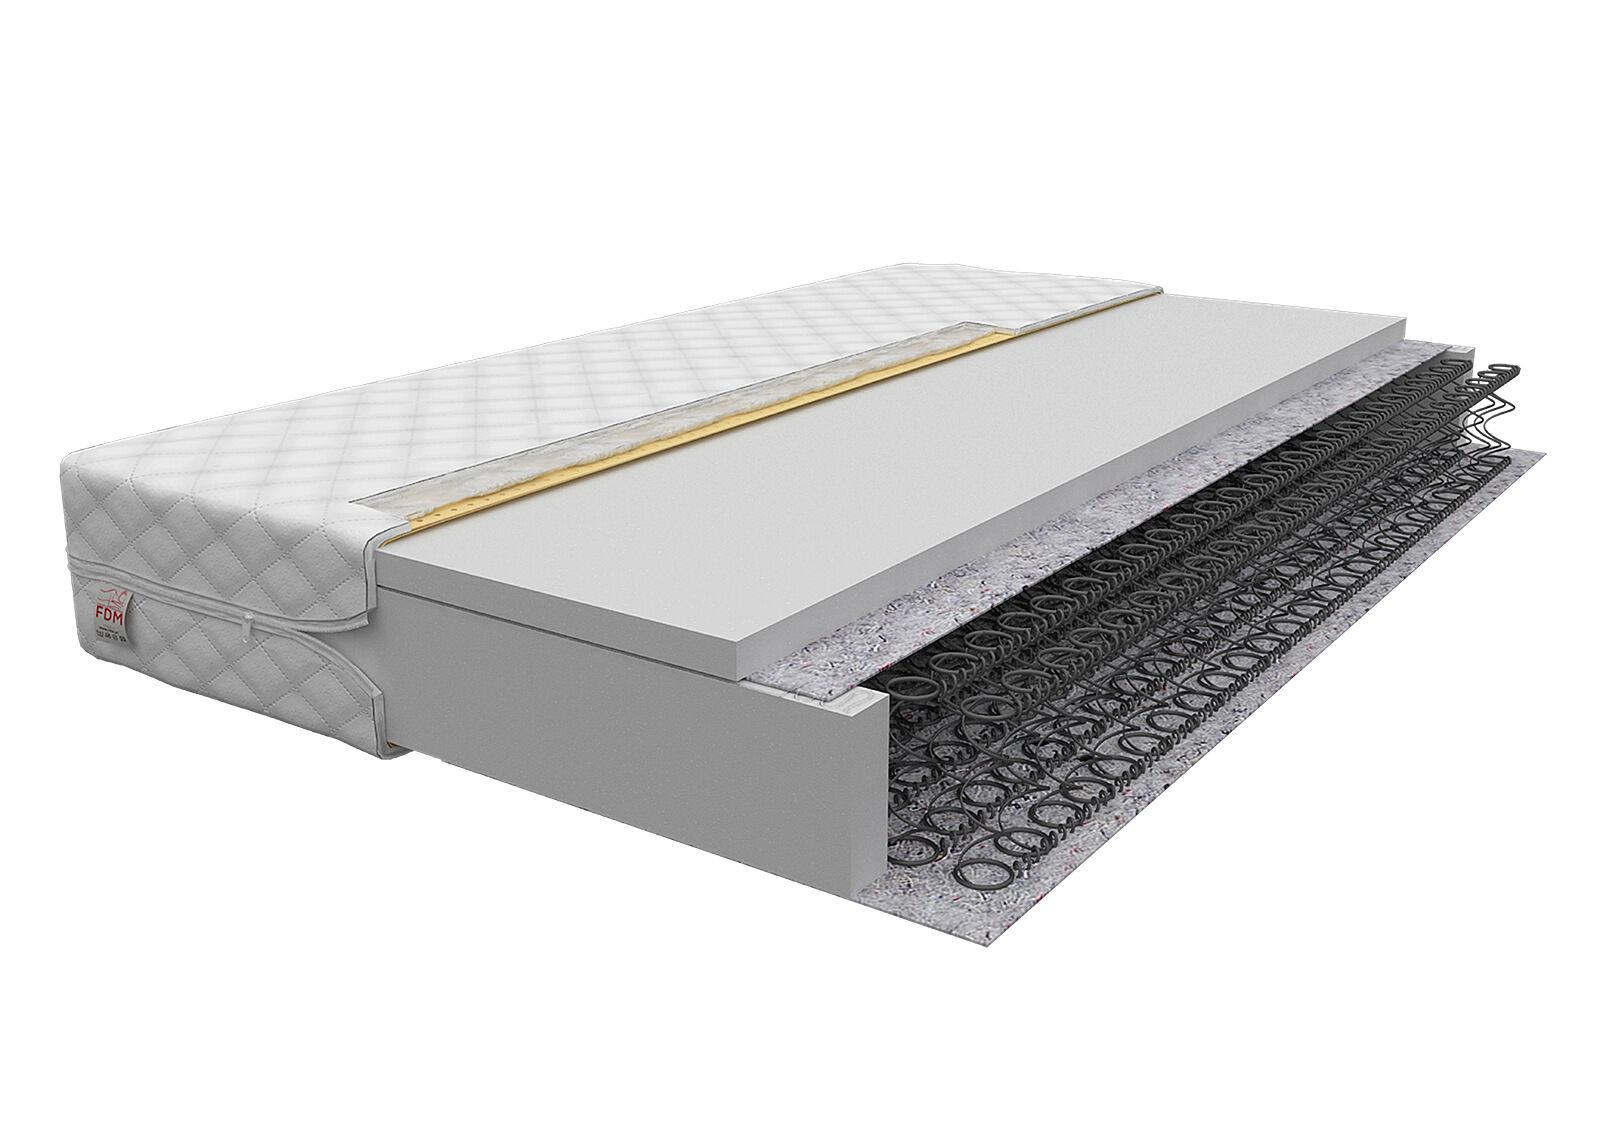 FDM Vaahtomuovipatja Iris 90x180 cm